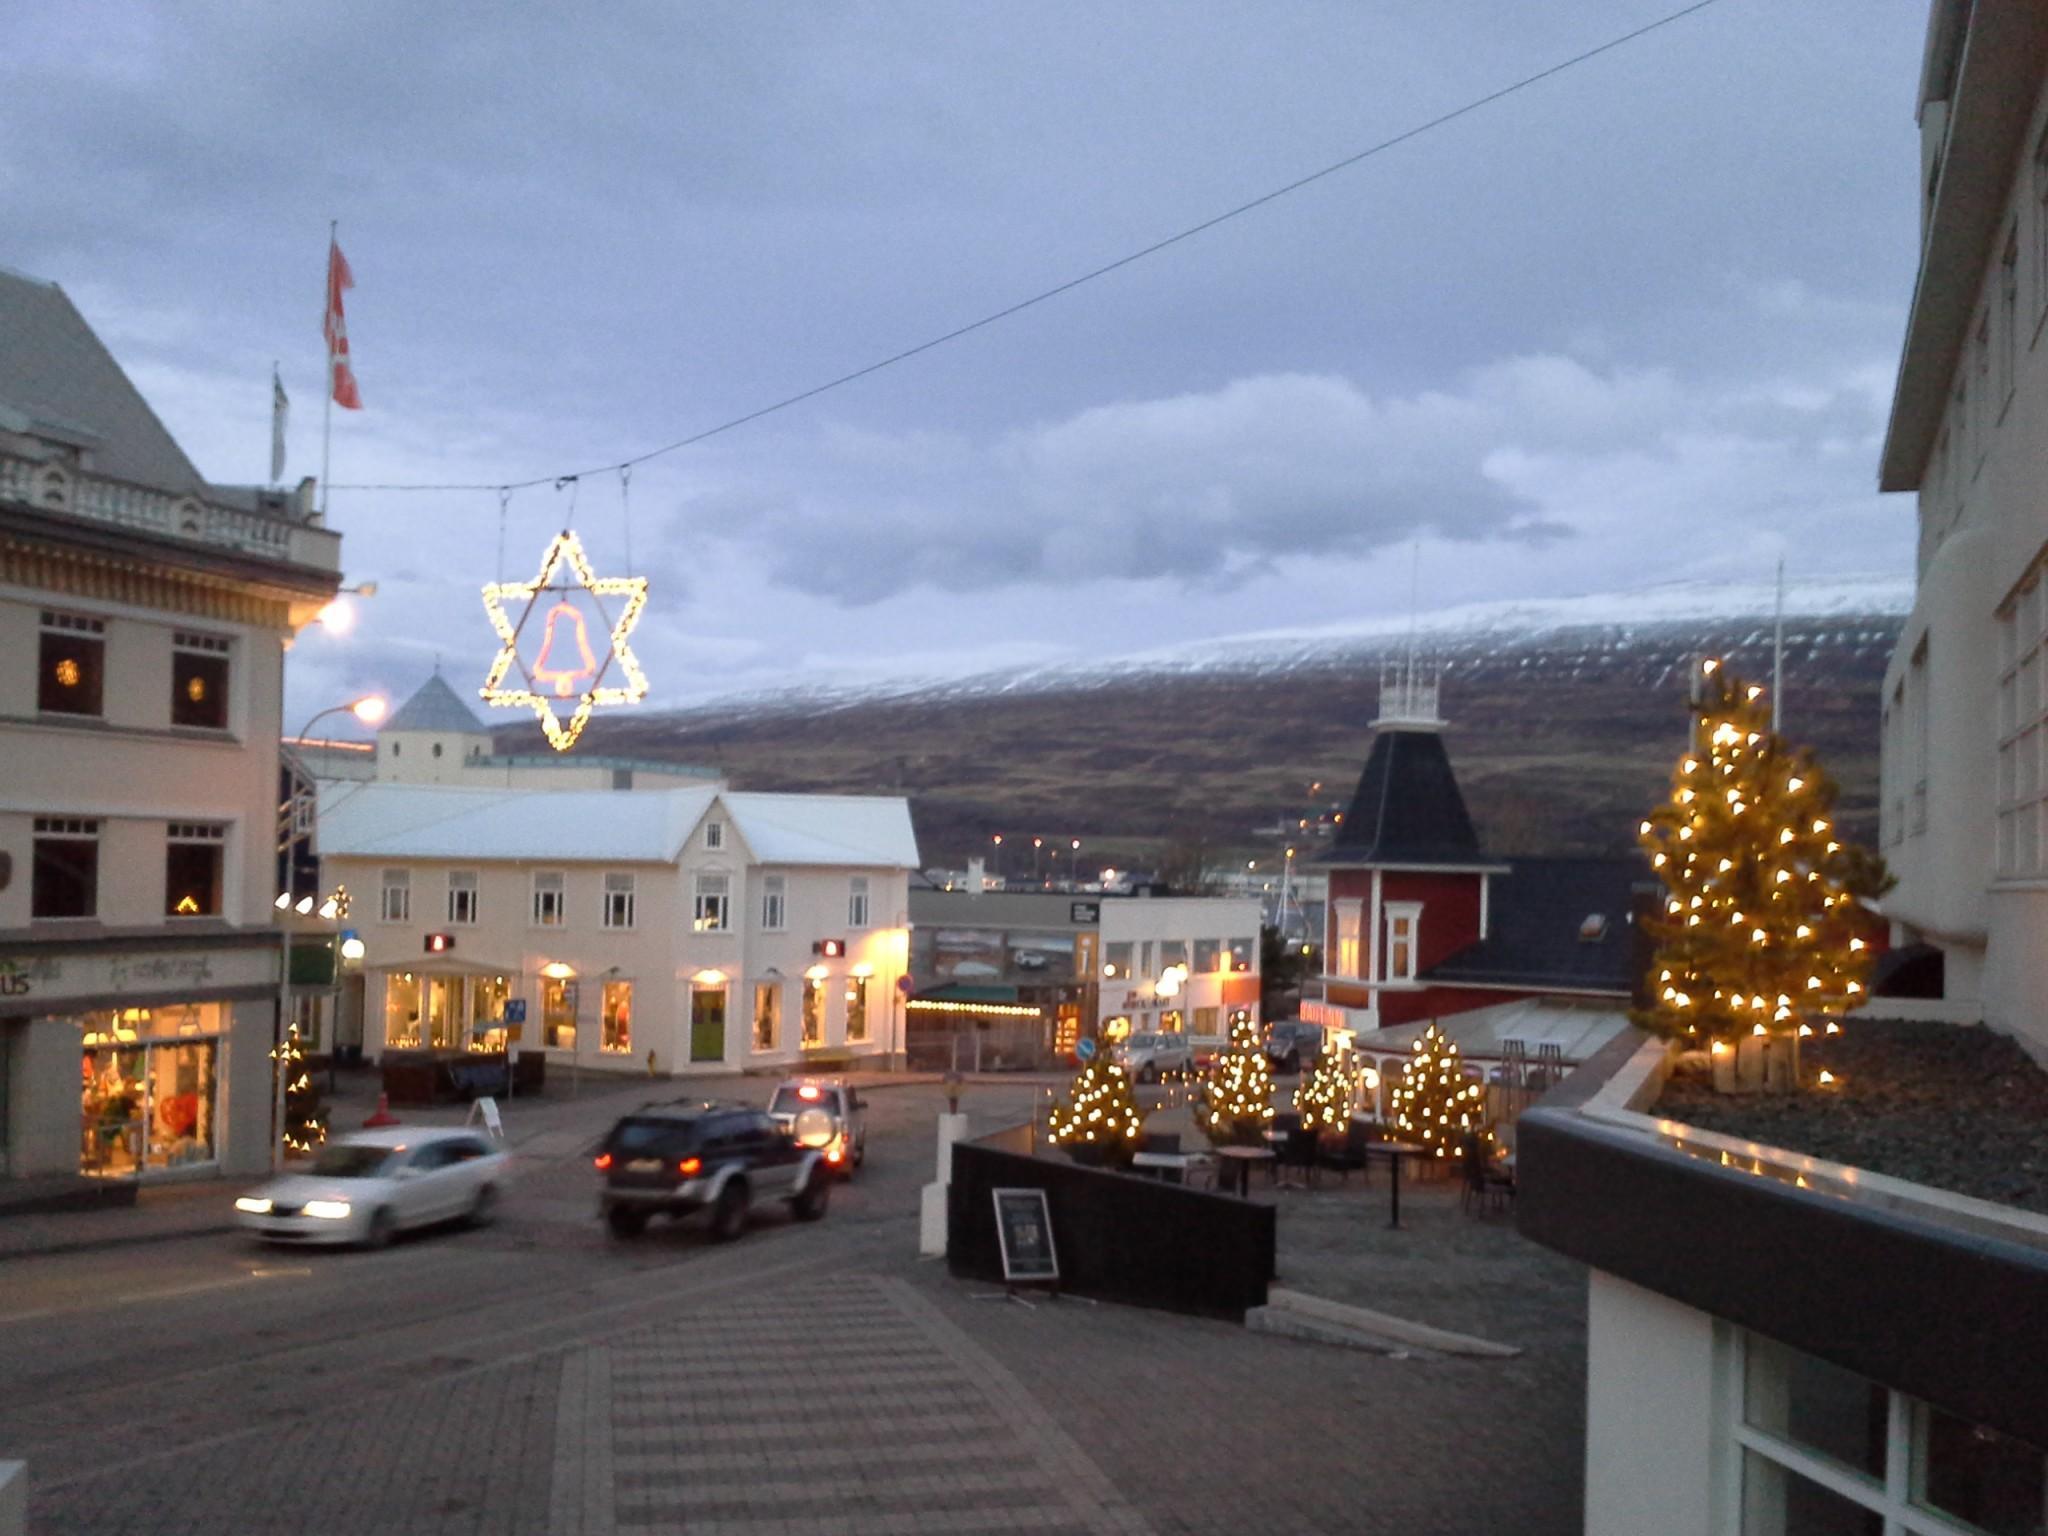 Ihana kaupunki jouluvaloissaan